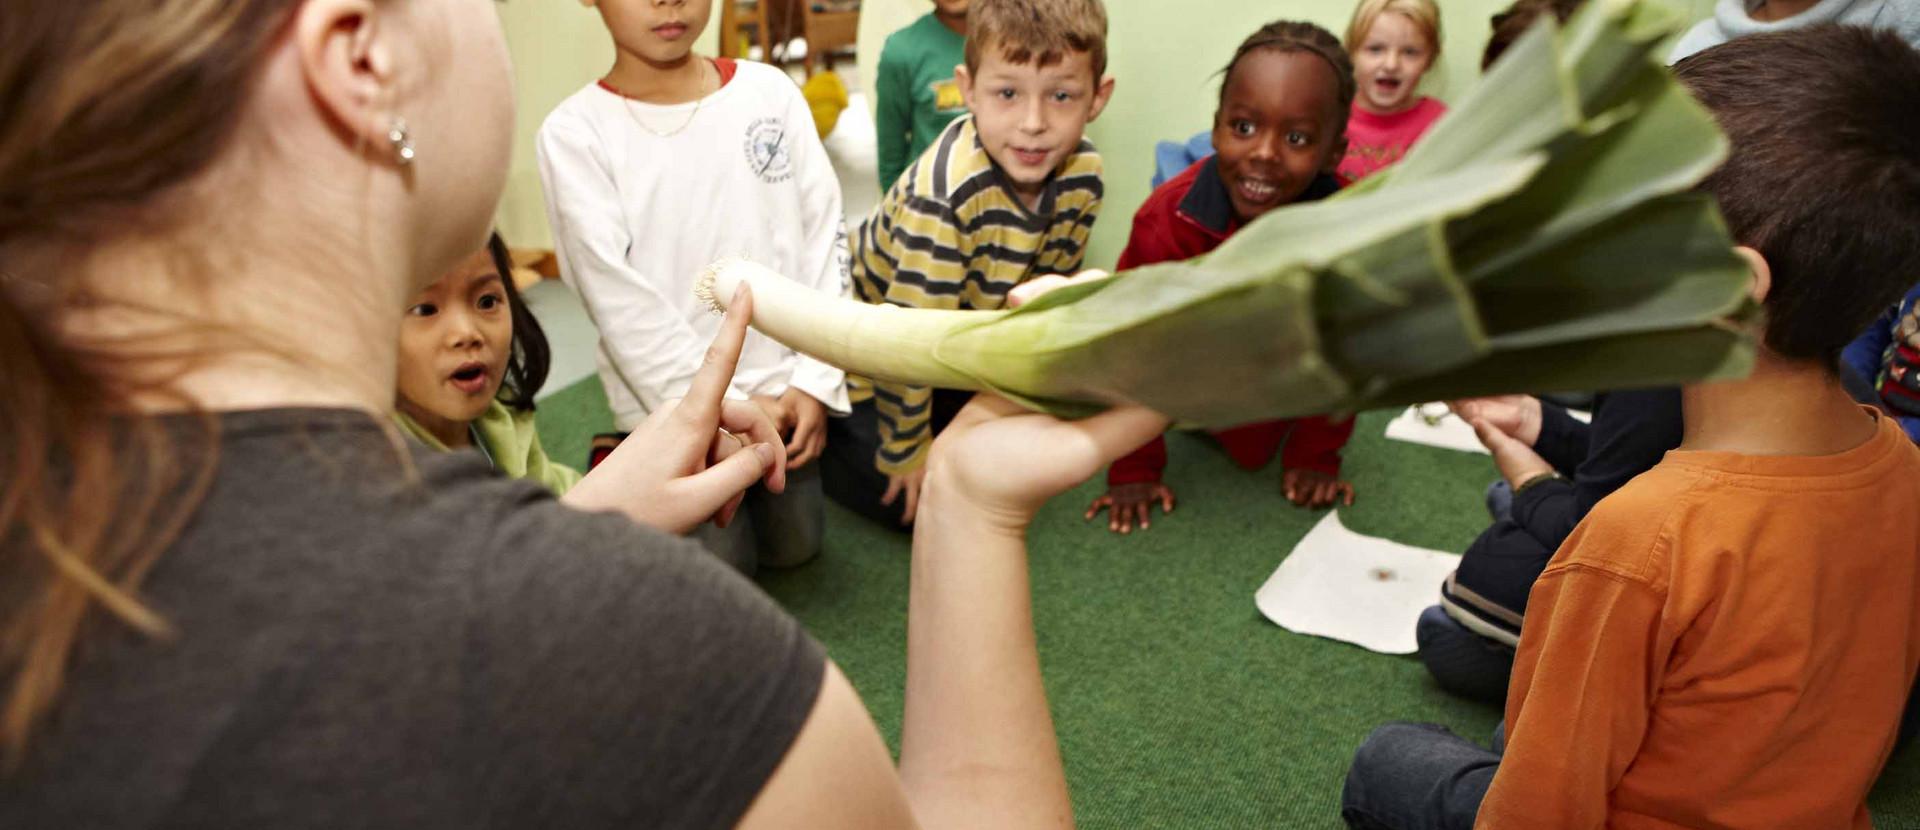 Frau zeigt Kindern eine Stange Lauch